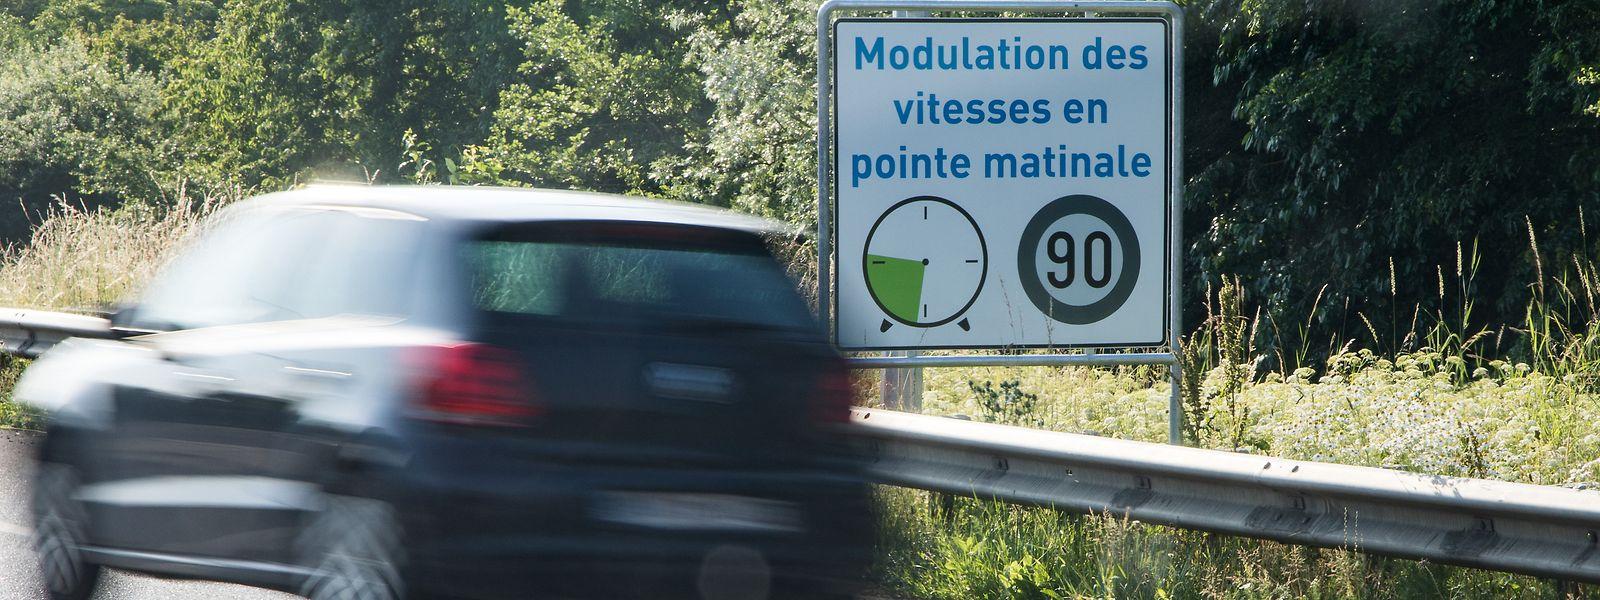 Die 90 km/h müssen Autofahrer derzeit nicht respektieren.